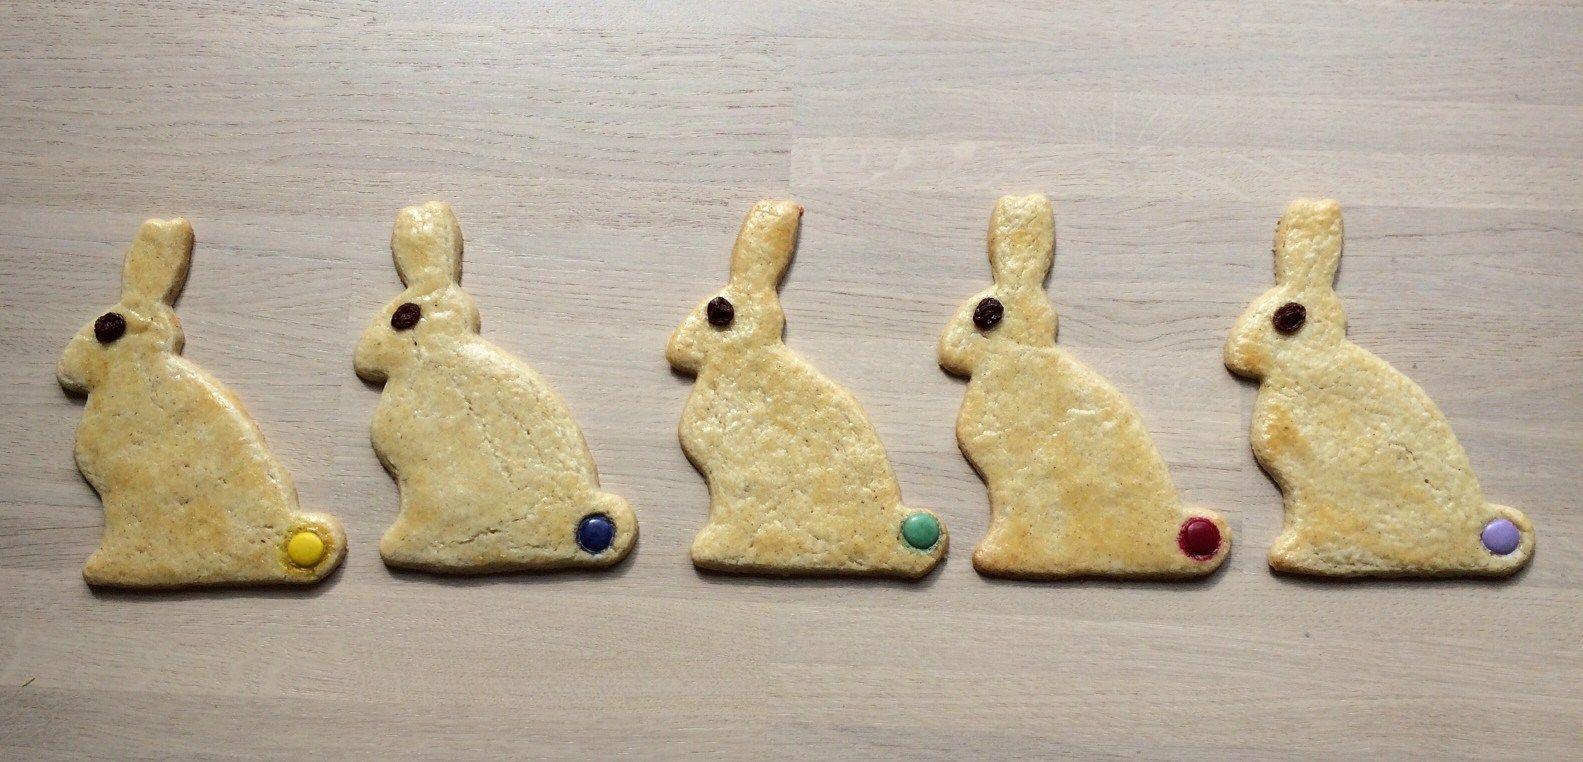 Fröhliche Osterhasen #Ostern #fränkisch #fränkische Küche ...